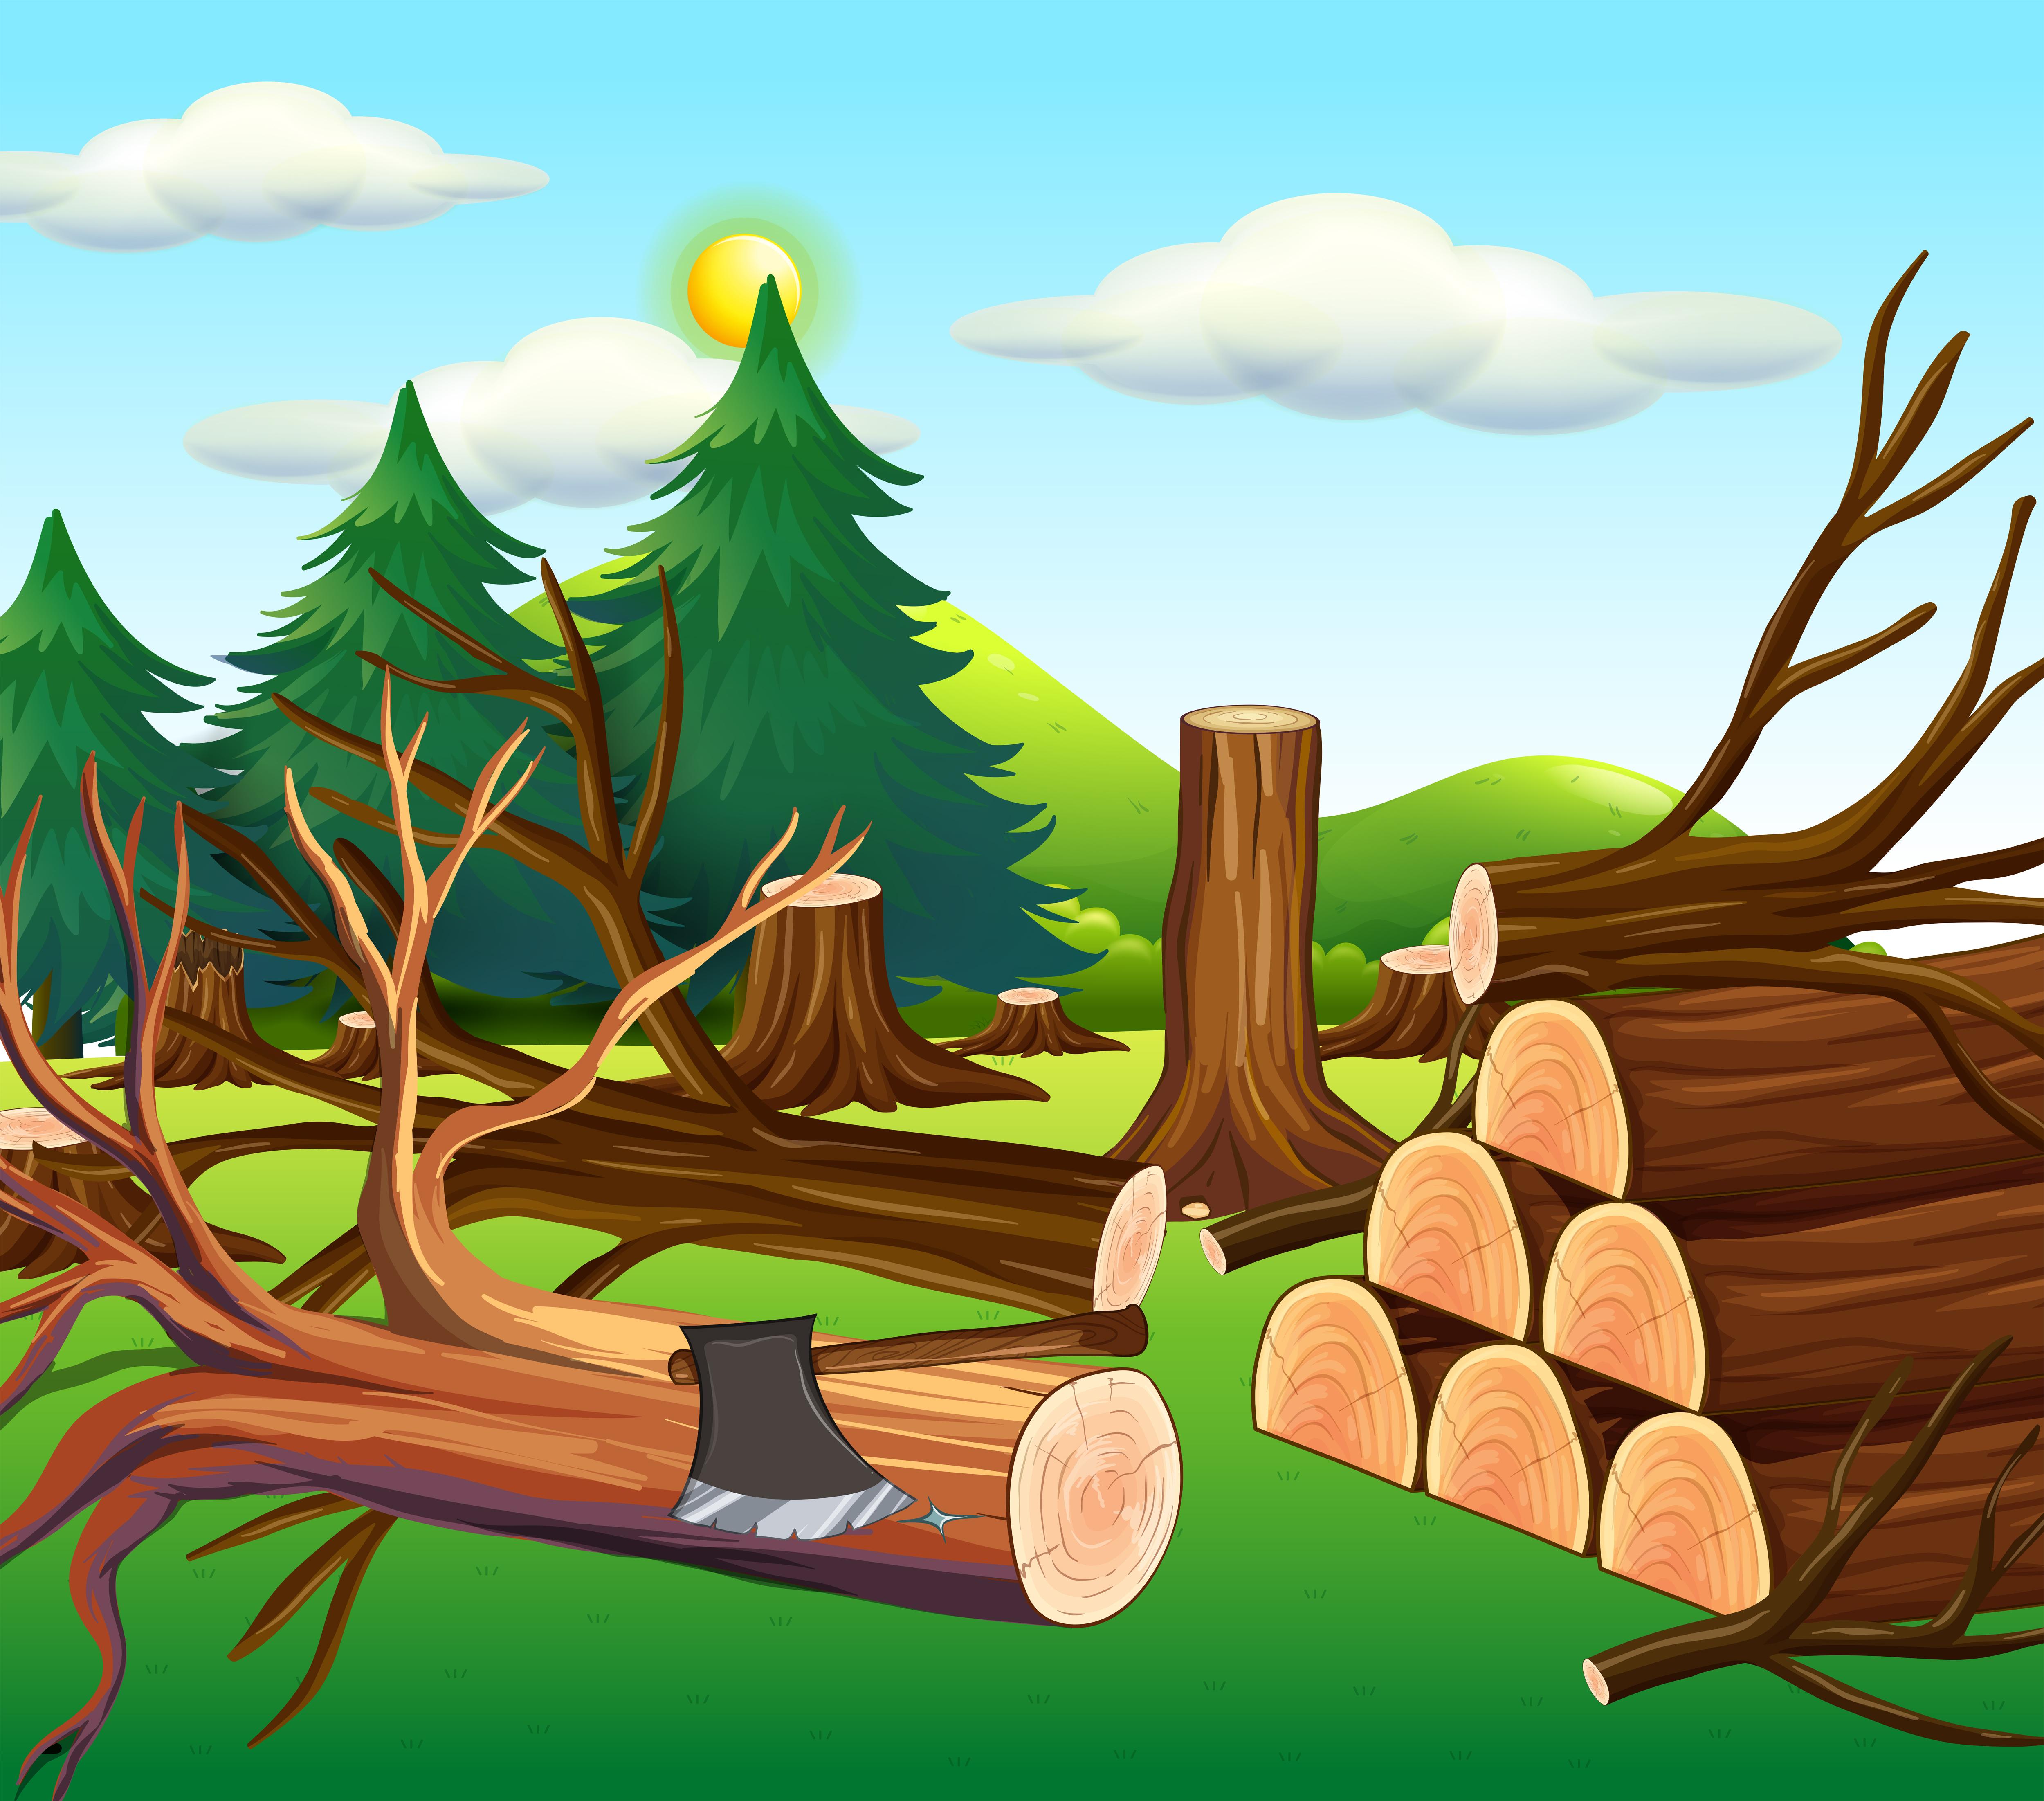 Escena de deforestación con maderas cortadas Descargar